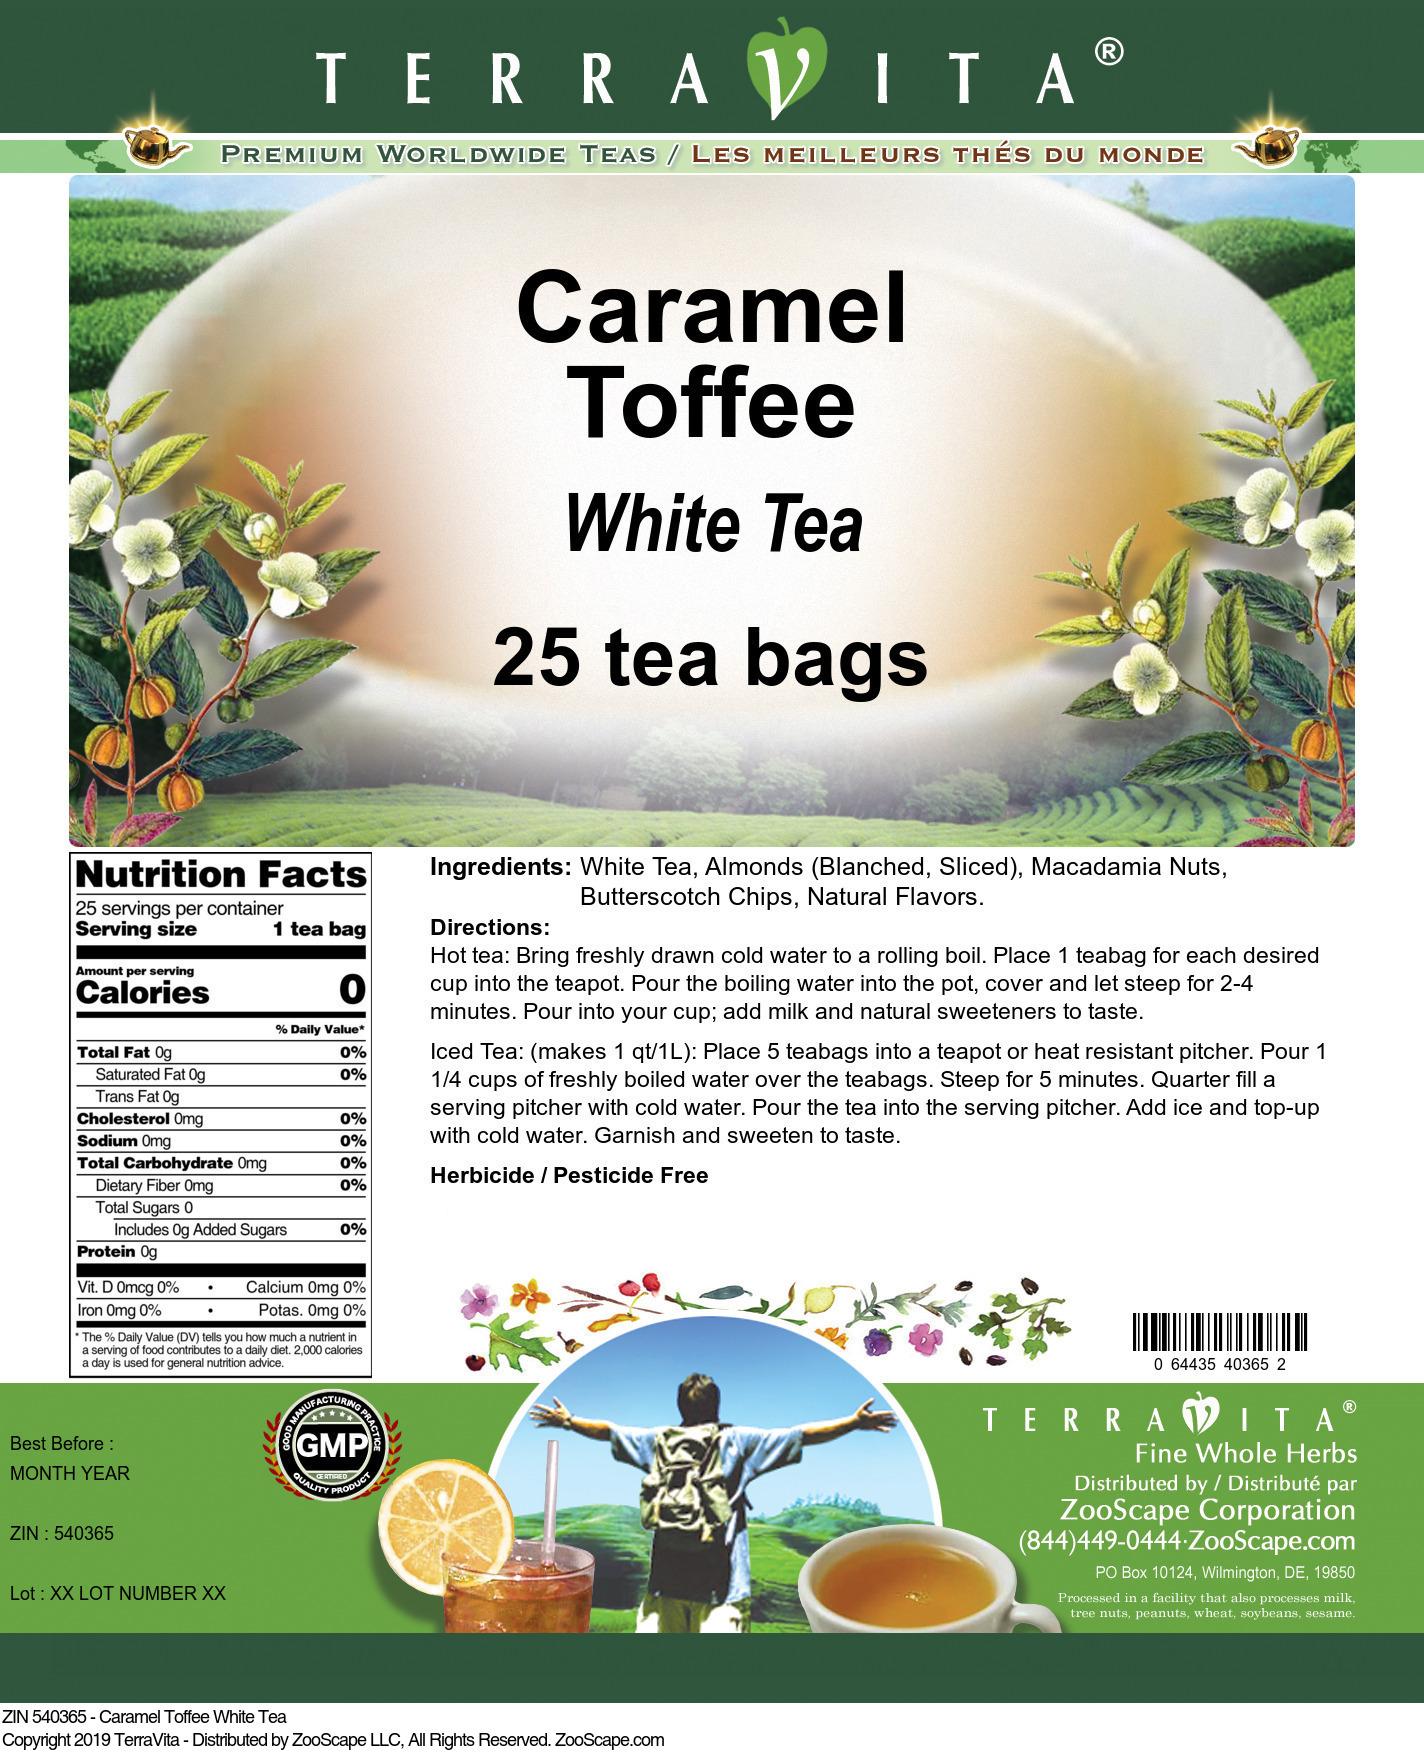 Caramel Toffee White Tea